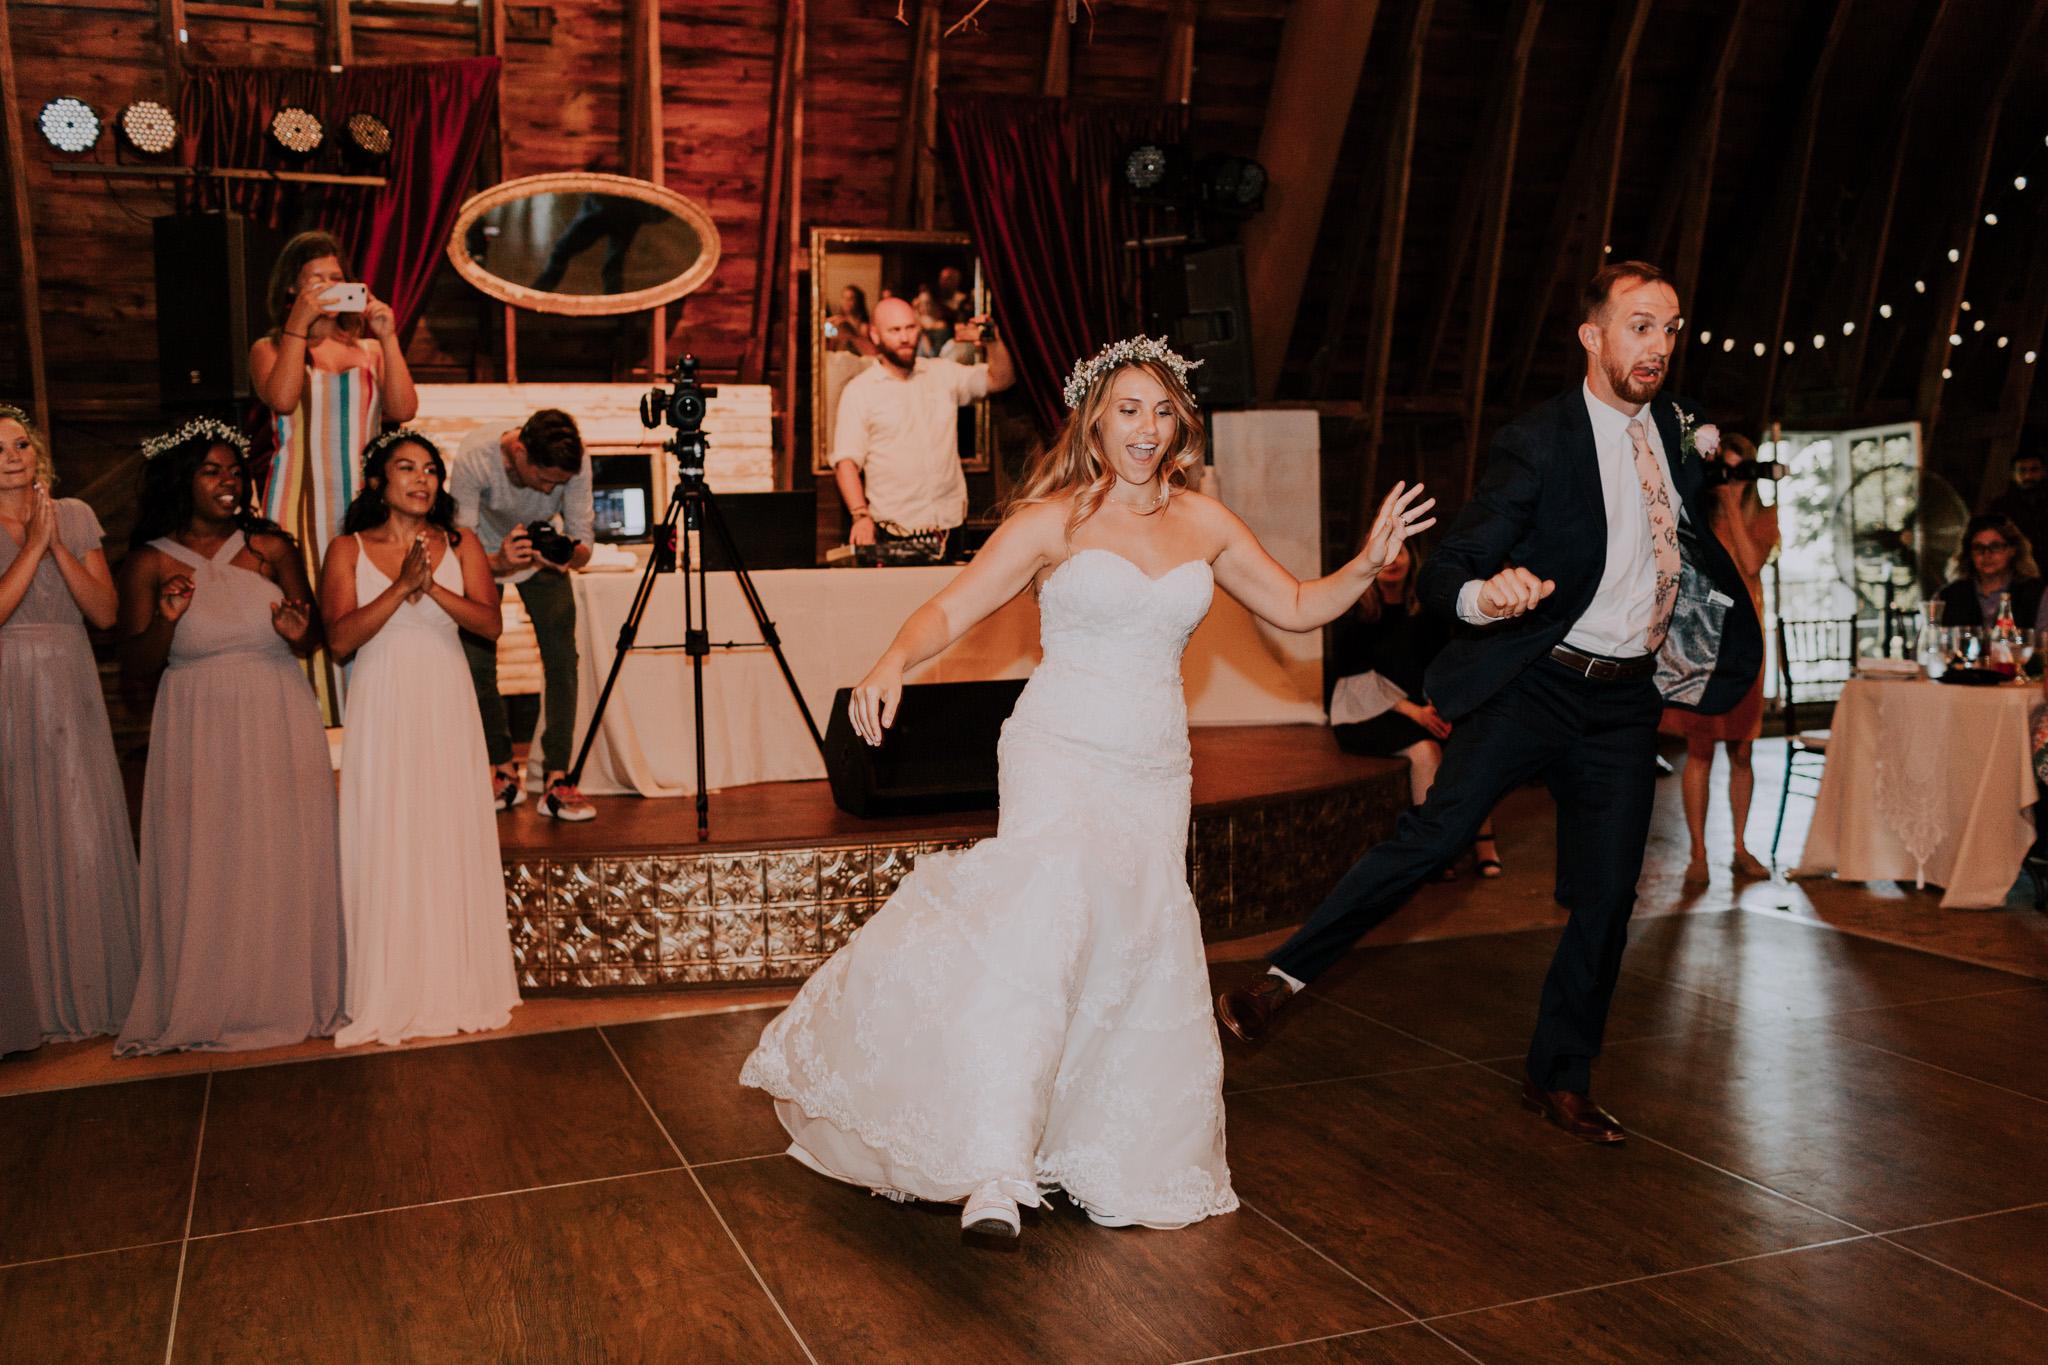 Blue-Dress-Barn-Michigan-Wedding-April-Seth-Vafa-Photo803.jpg